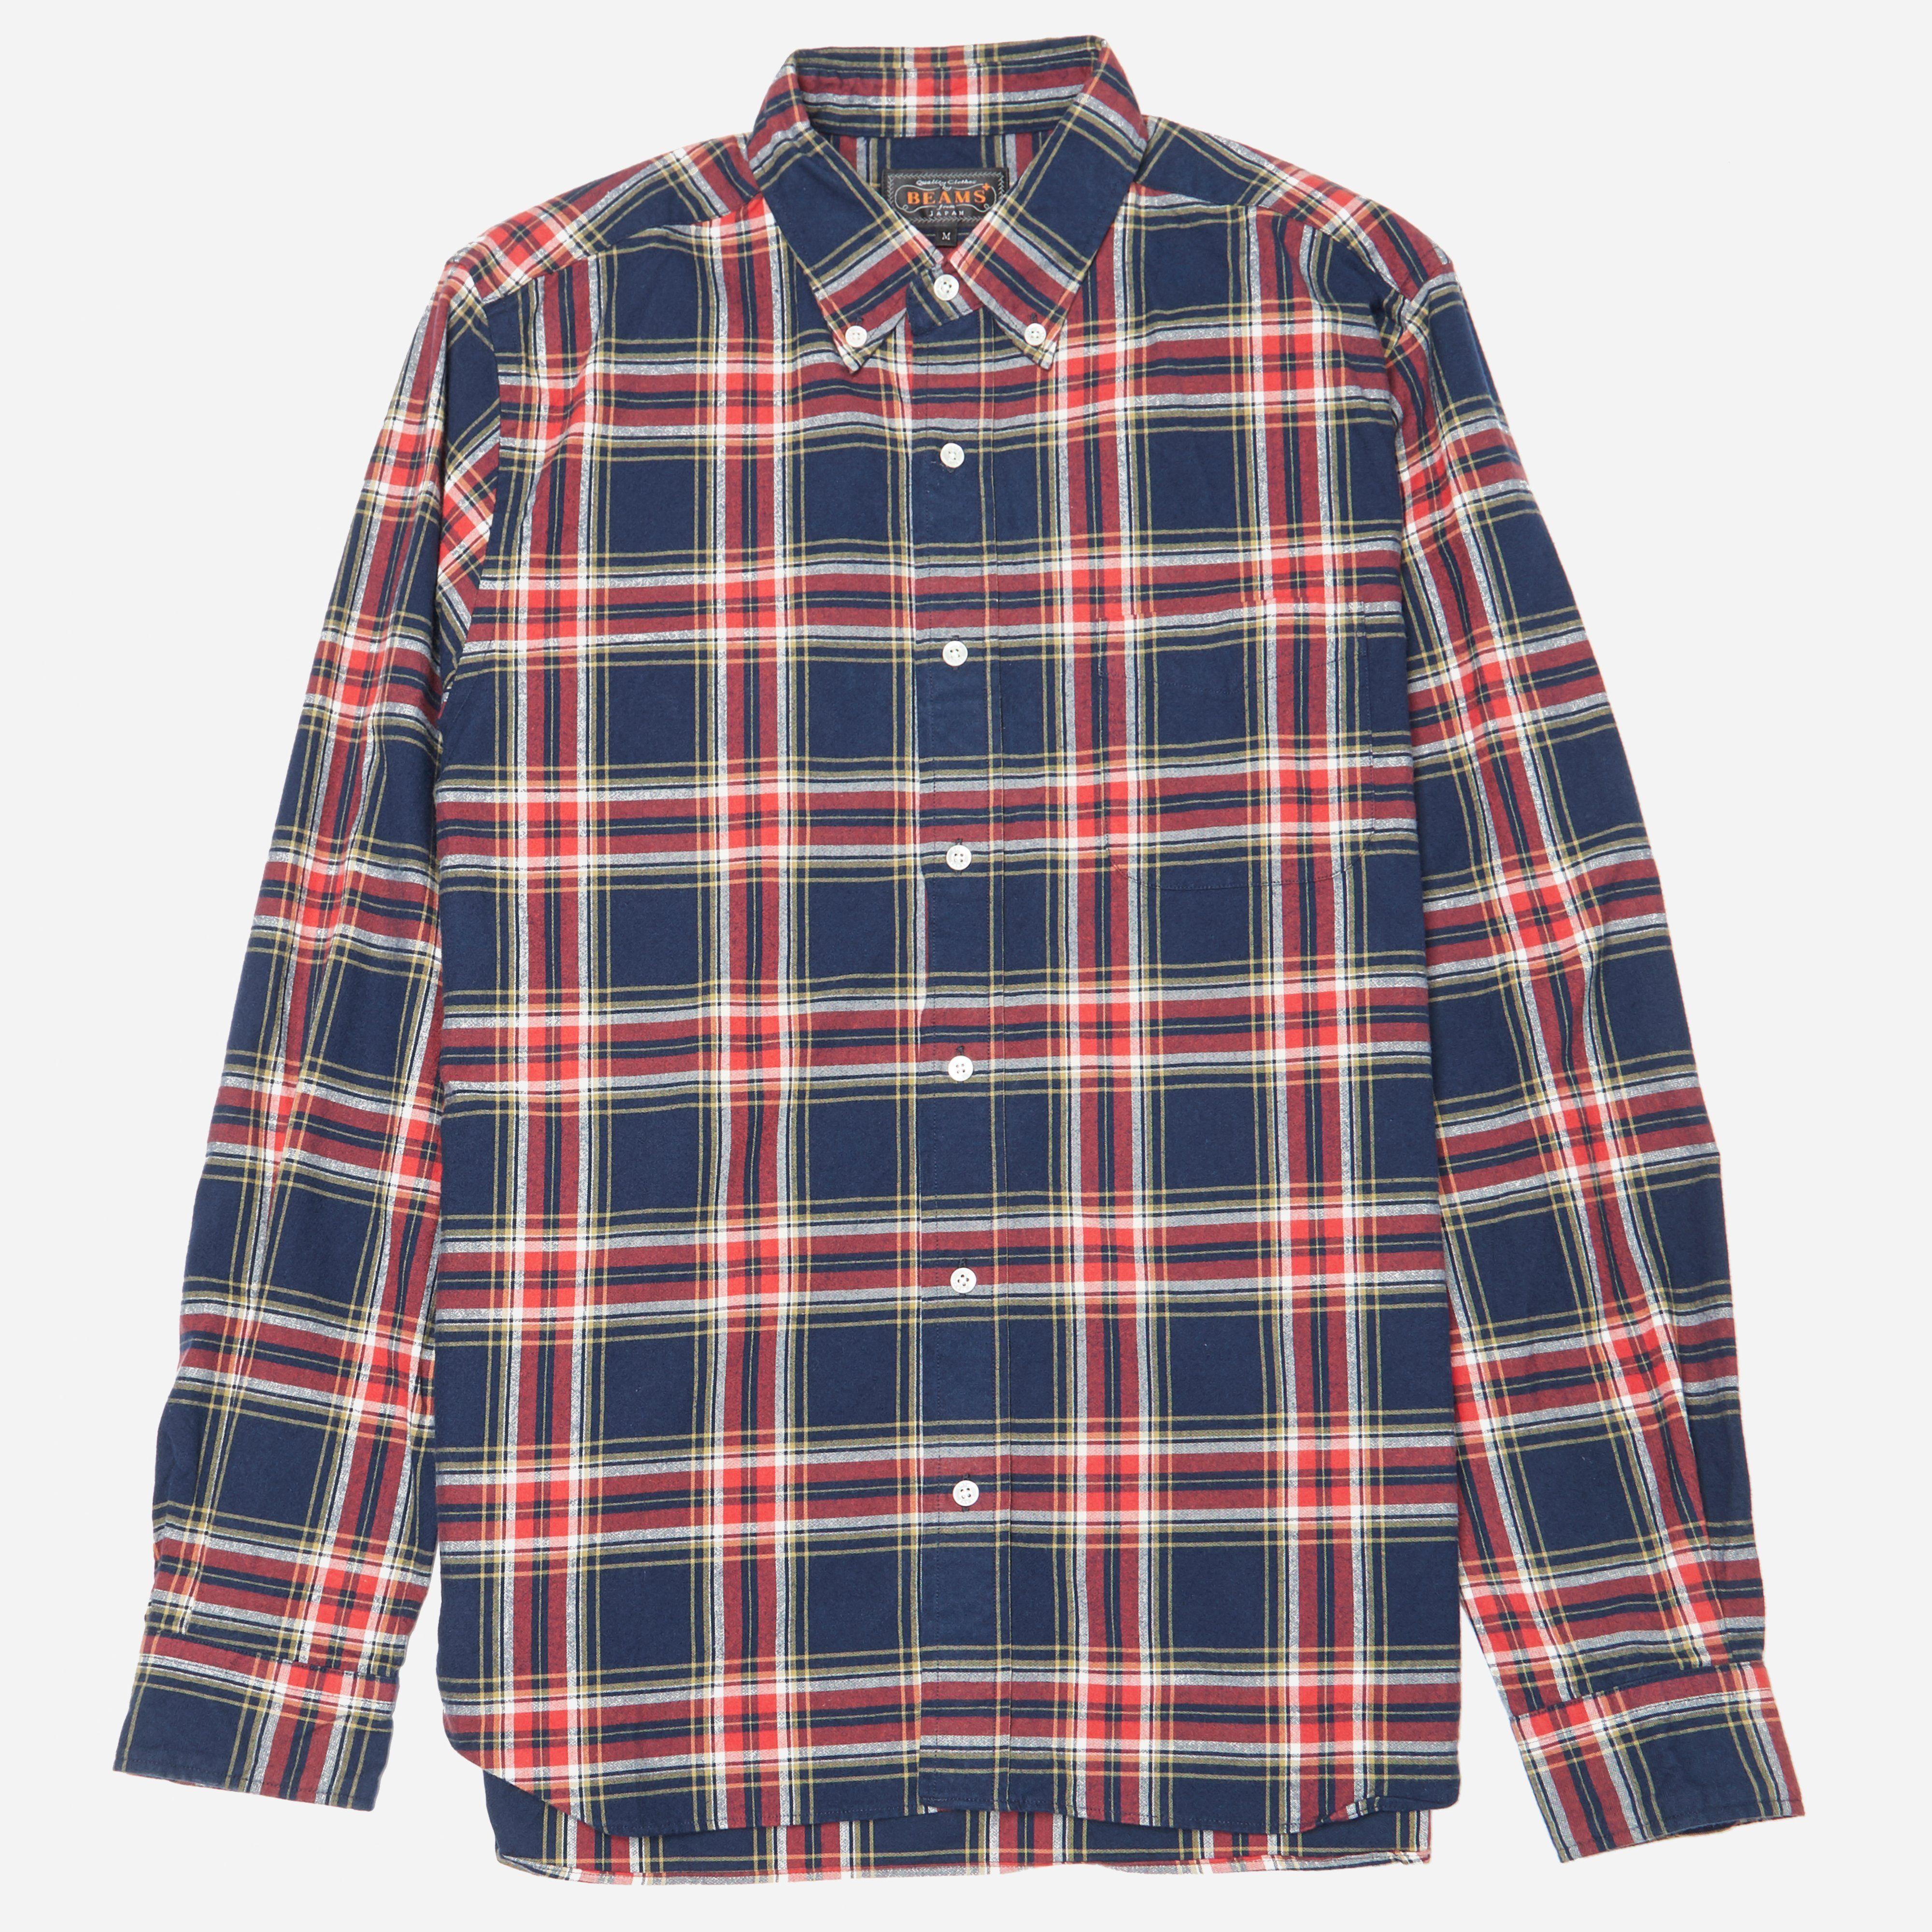 Beams Plus Button Down Multi Check Shirt